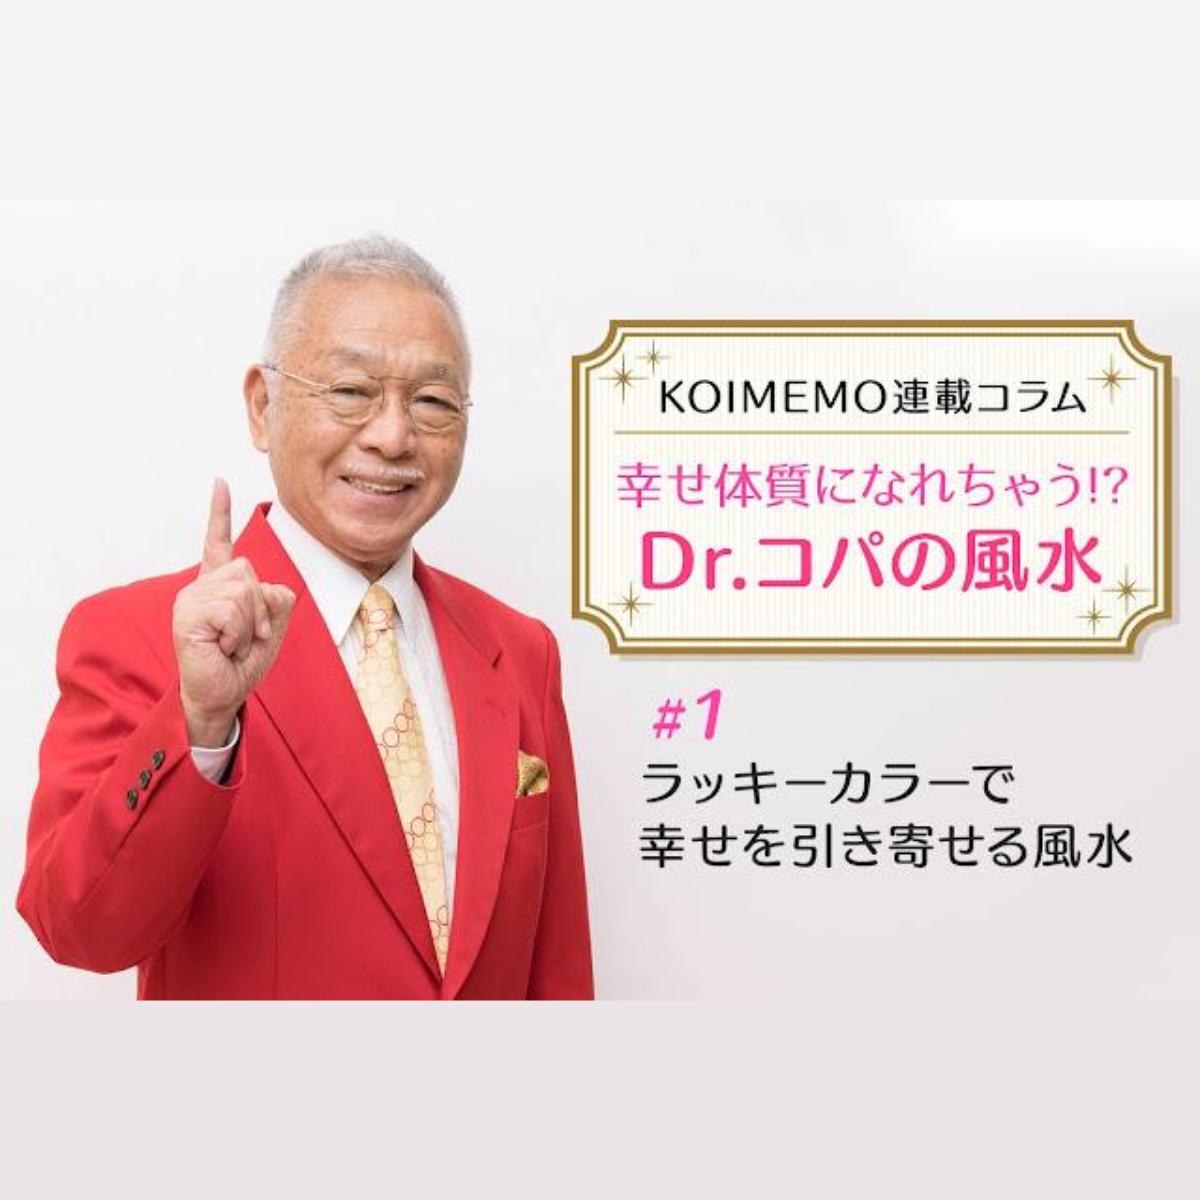 【Dr.コパさんインタビュー第1回】「ラッキーカラー」で幸せを引き寄せる風水